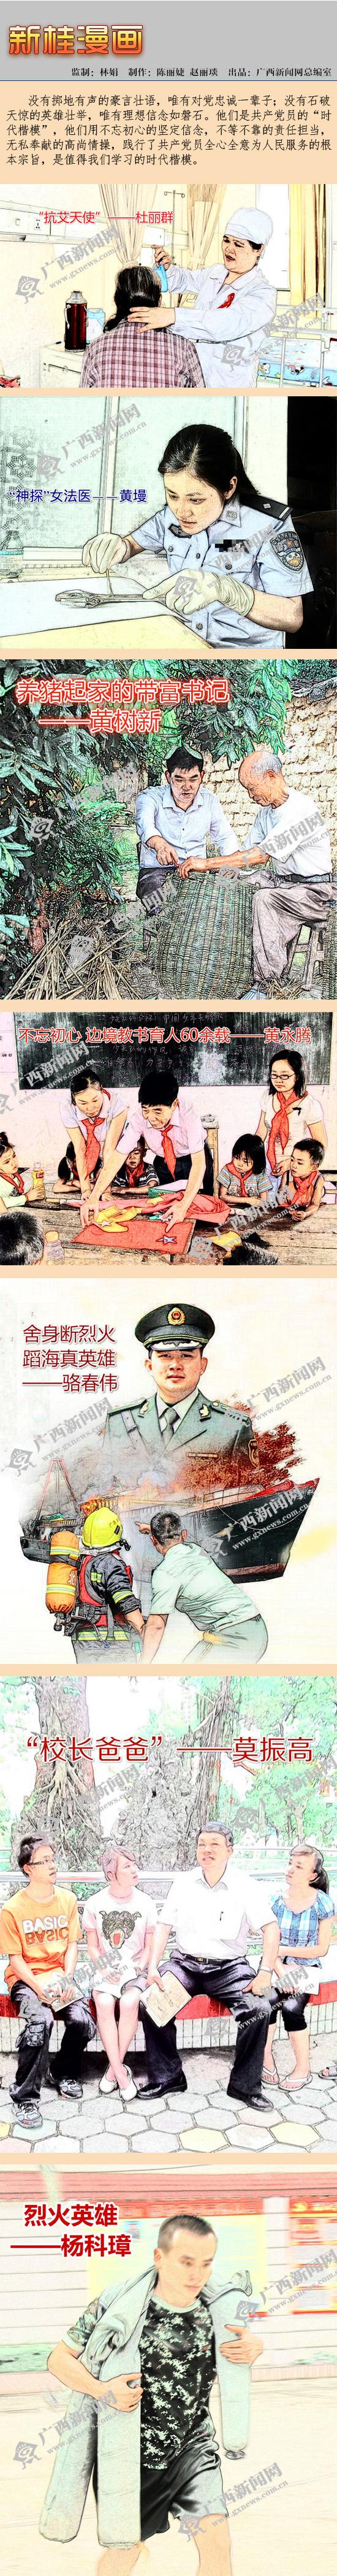 """[新桂漫画]共产党员的""""时代楷模"""""""